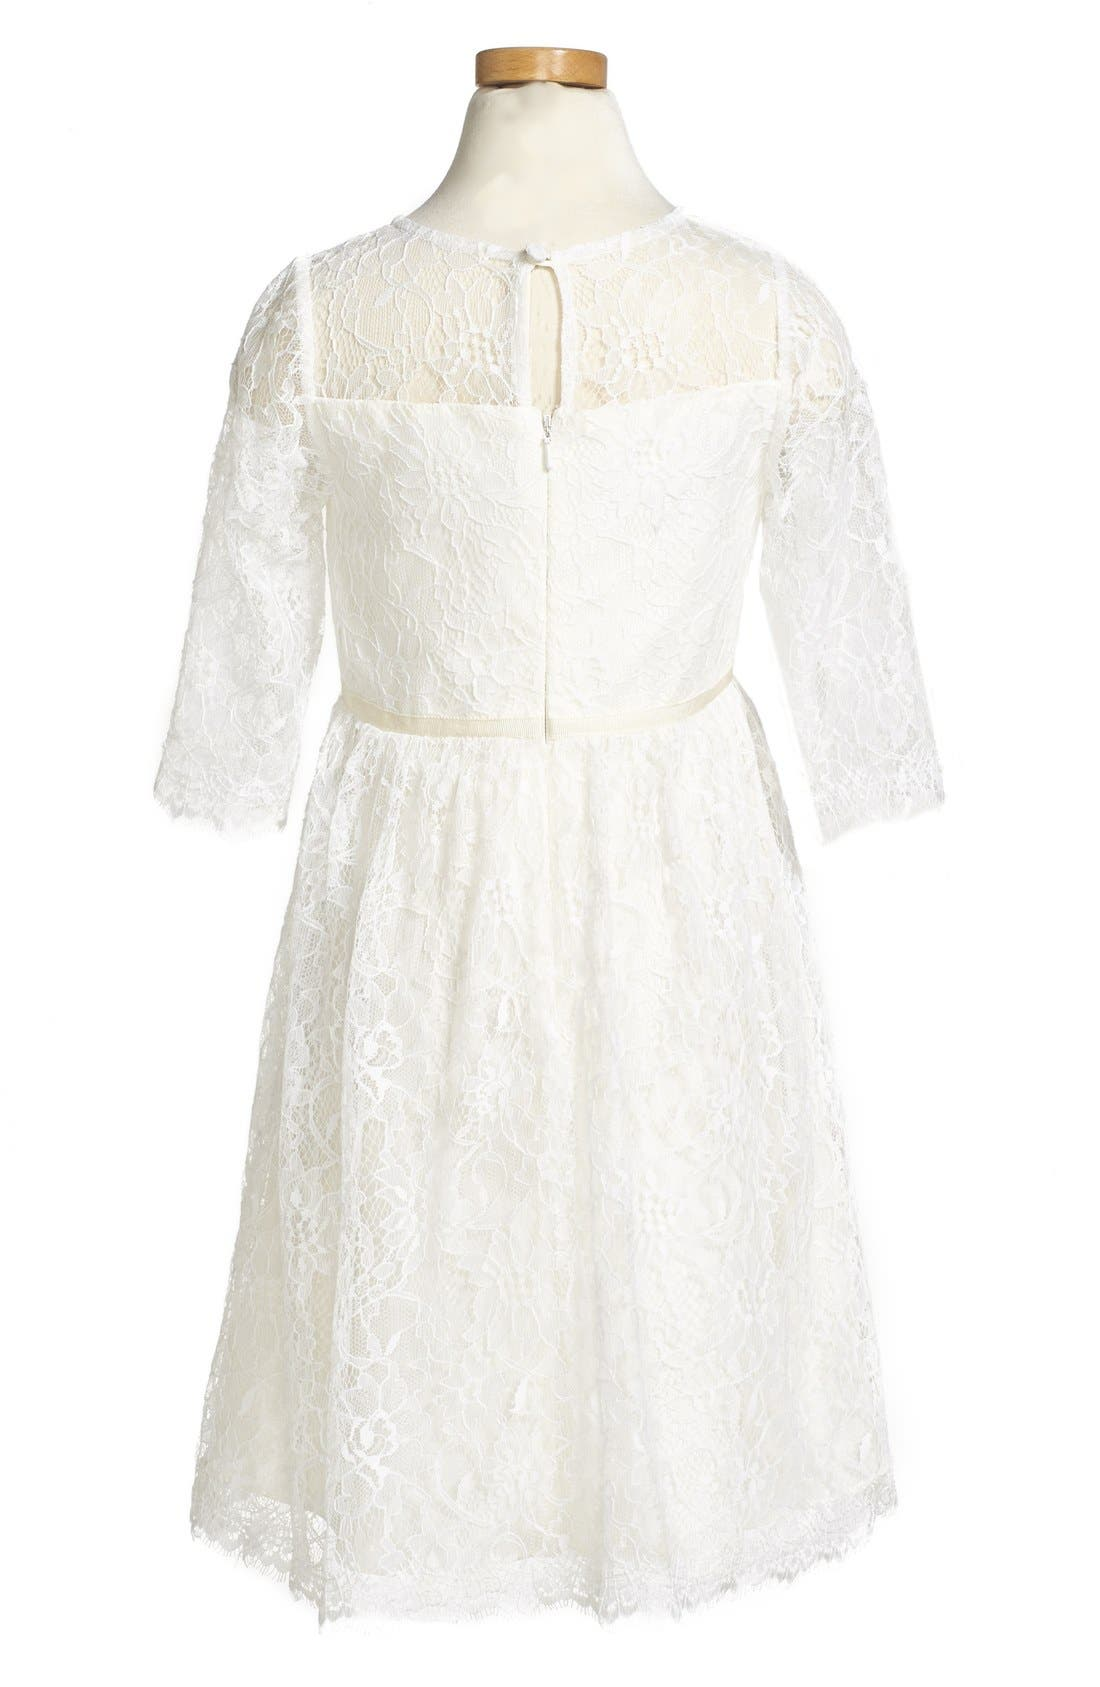 Annie Floral Appliqué Lace Dress,                             Alternate thumbnail 3, color,                             900